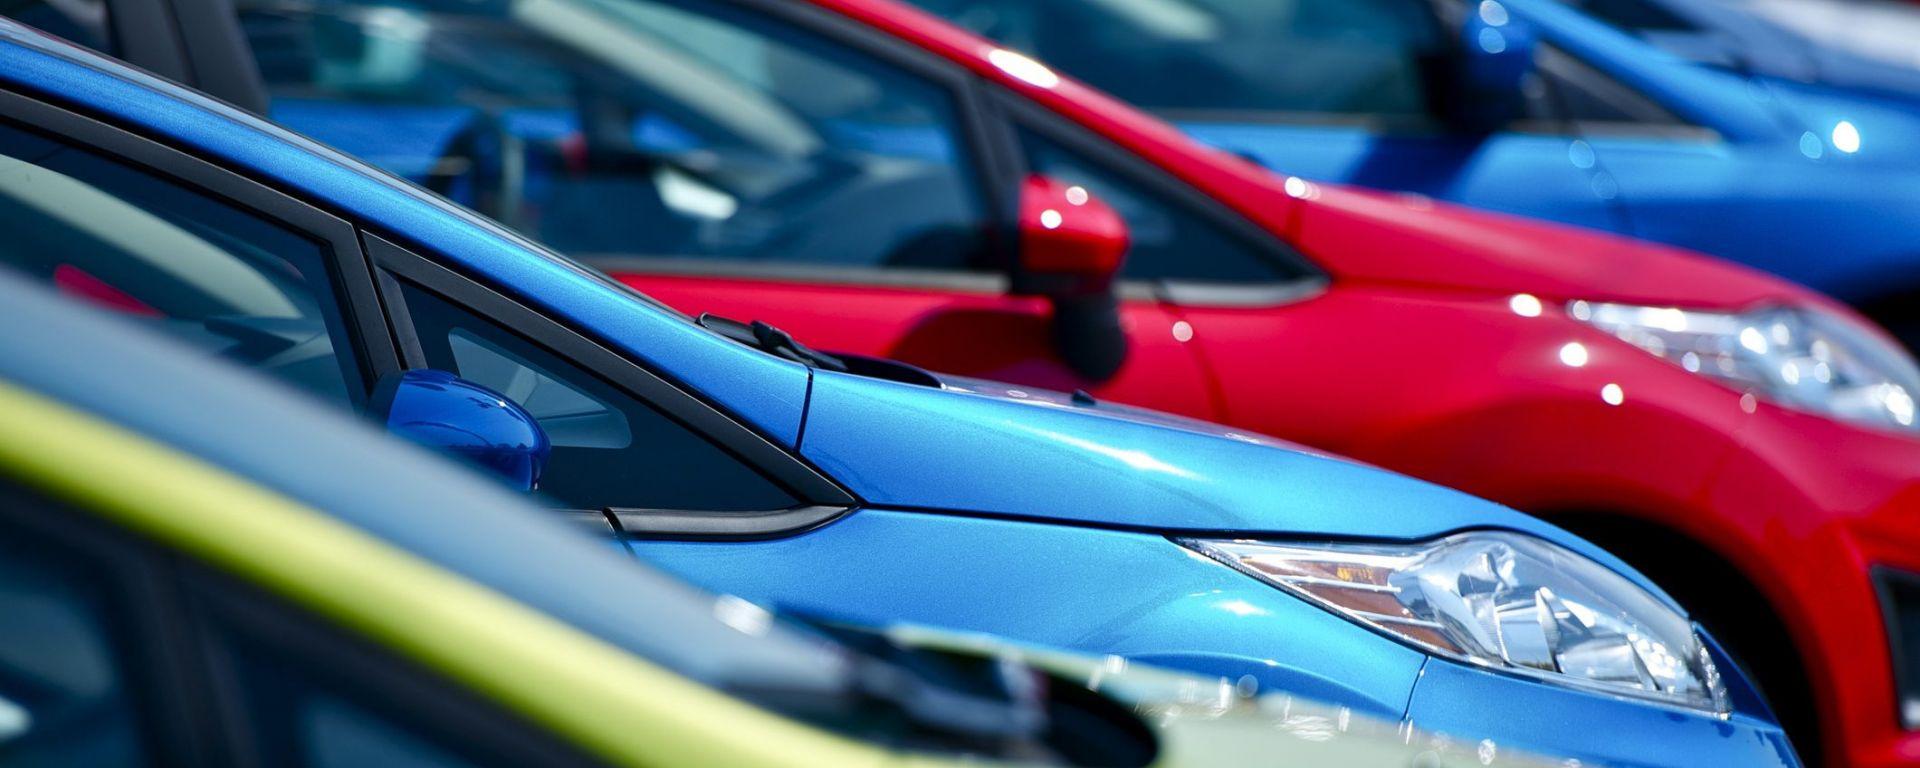 Mercato auto: a marzo 2021 calo del 12.7%